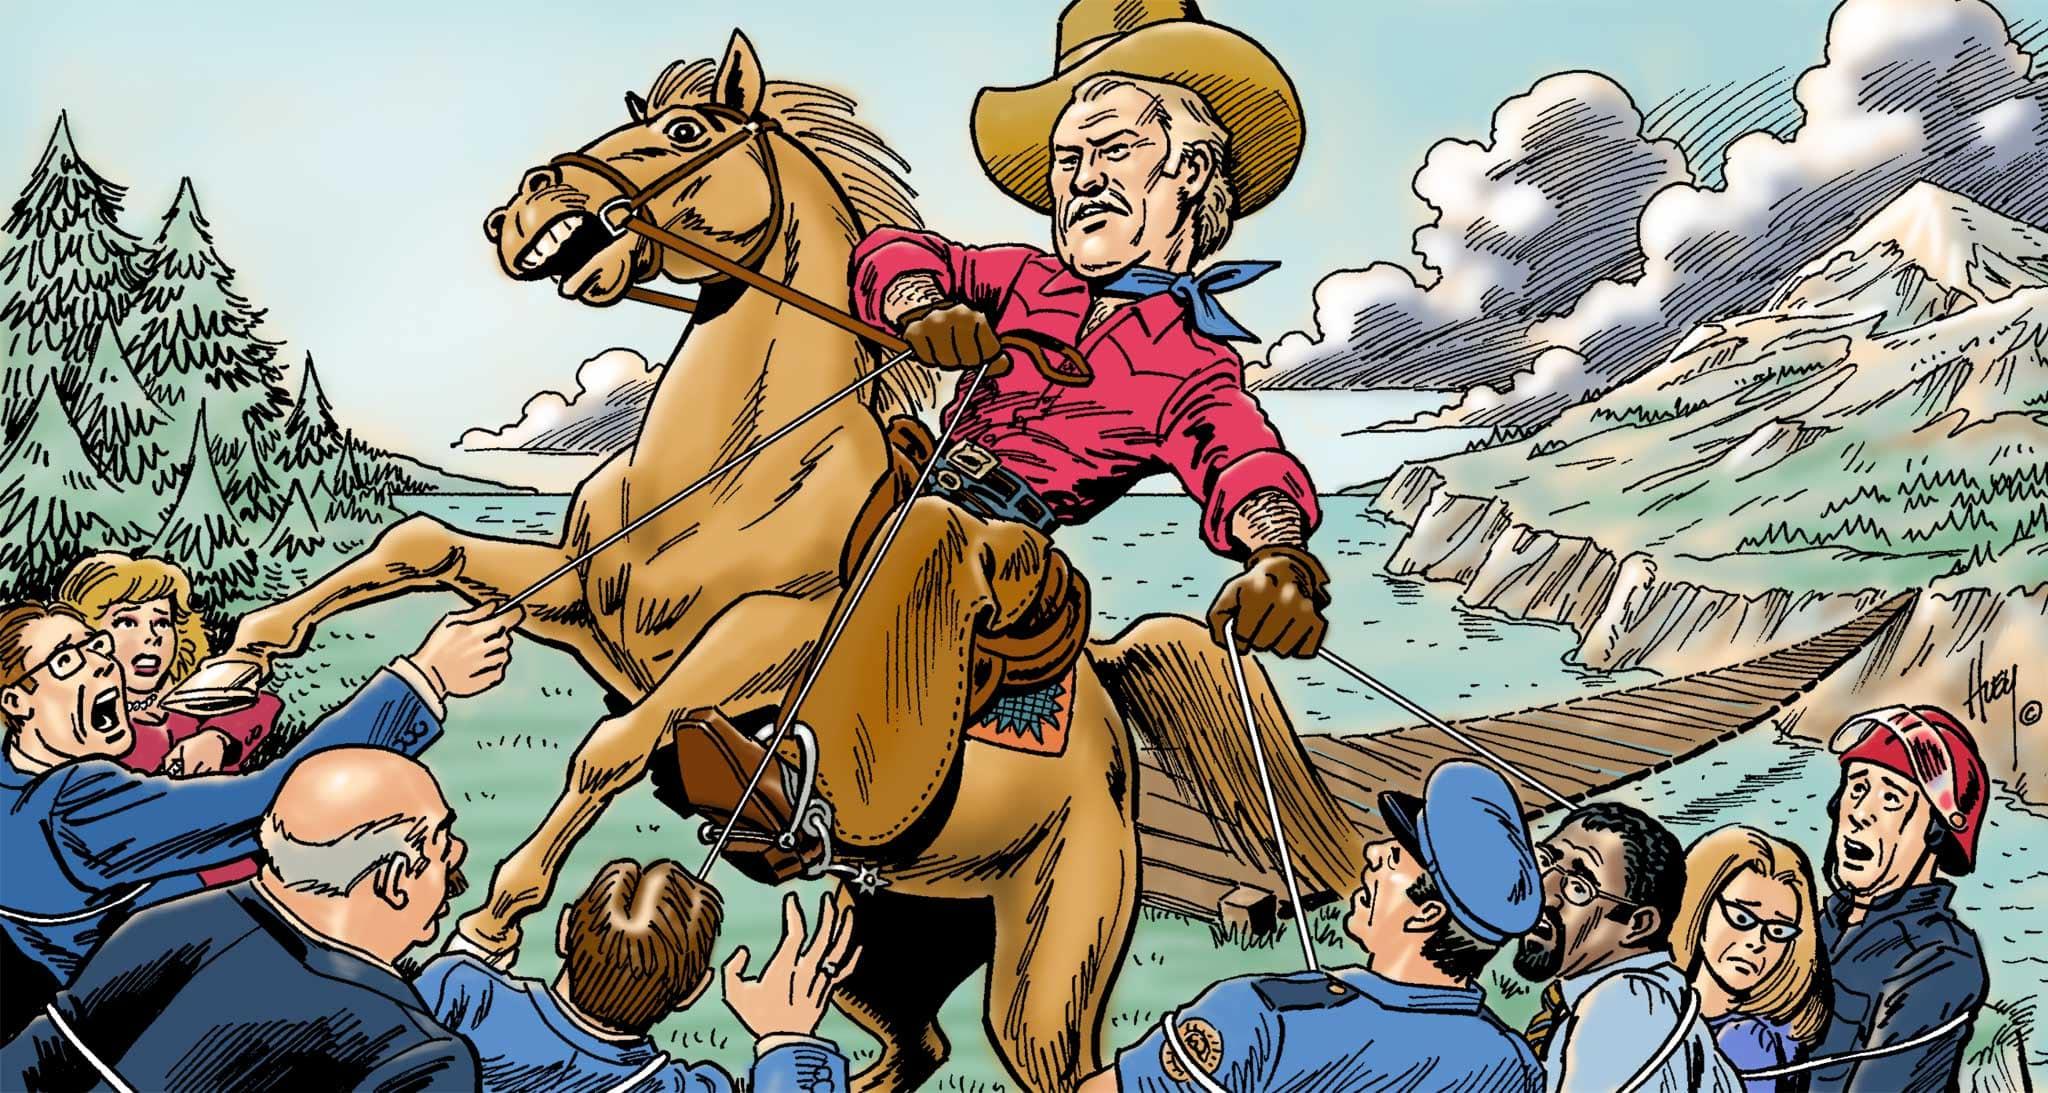 KH3236-cowboy-Kitzhaber-riding-horse